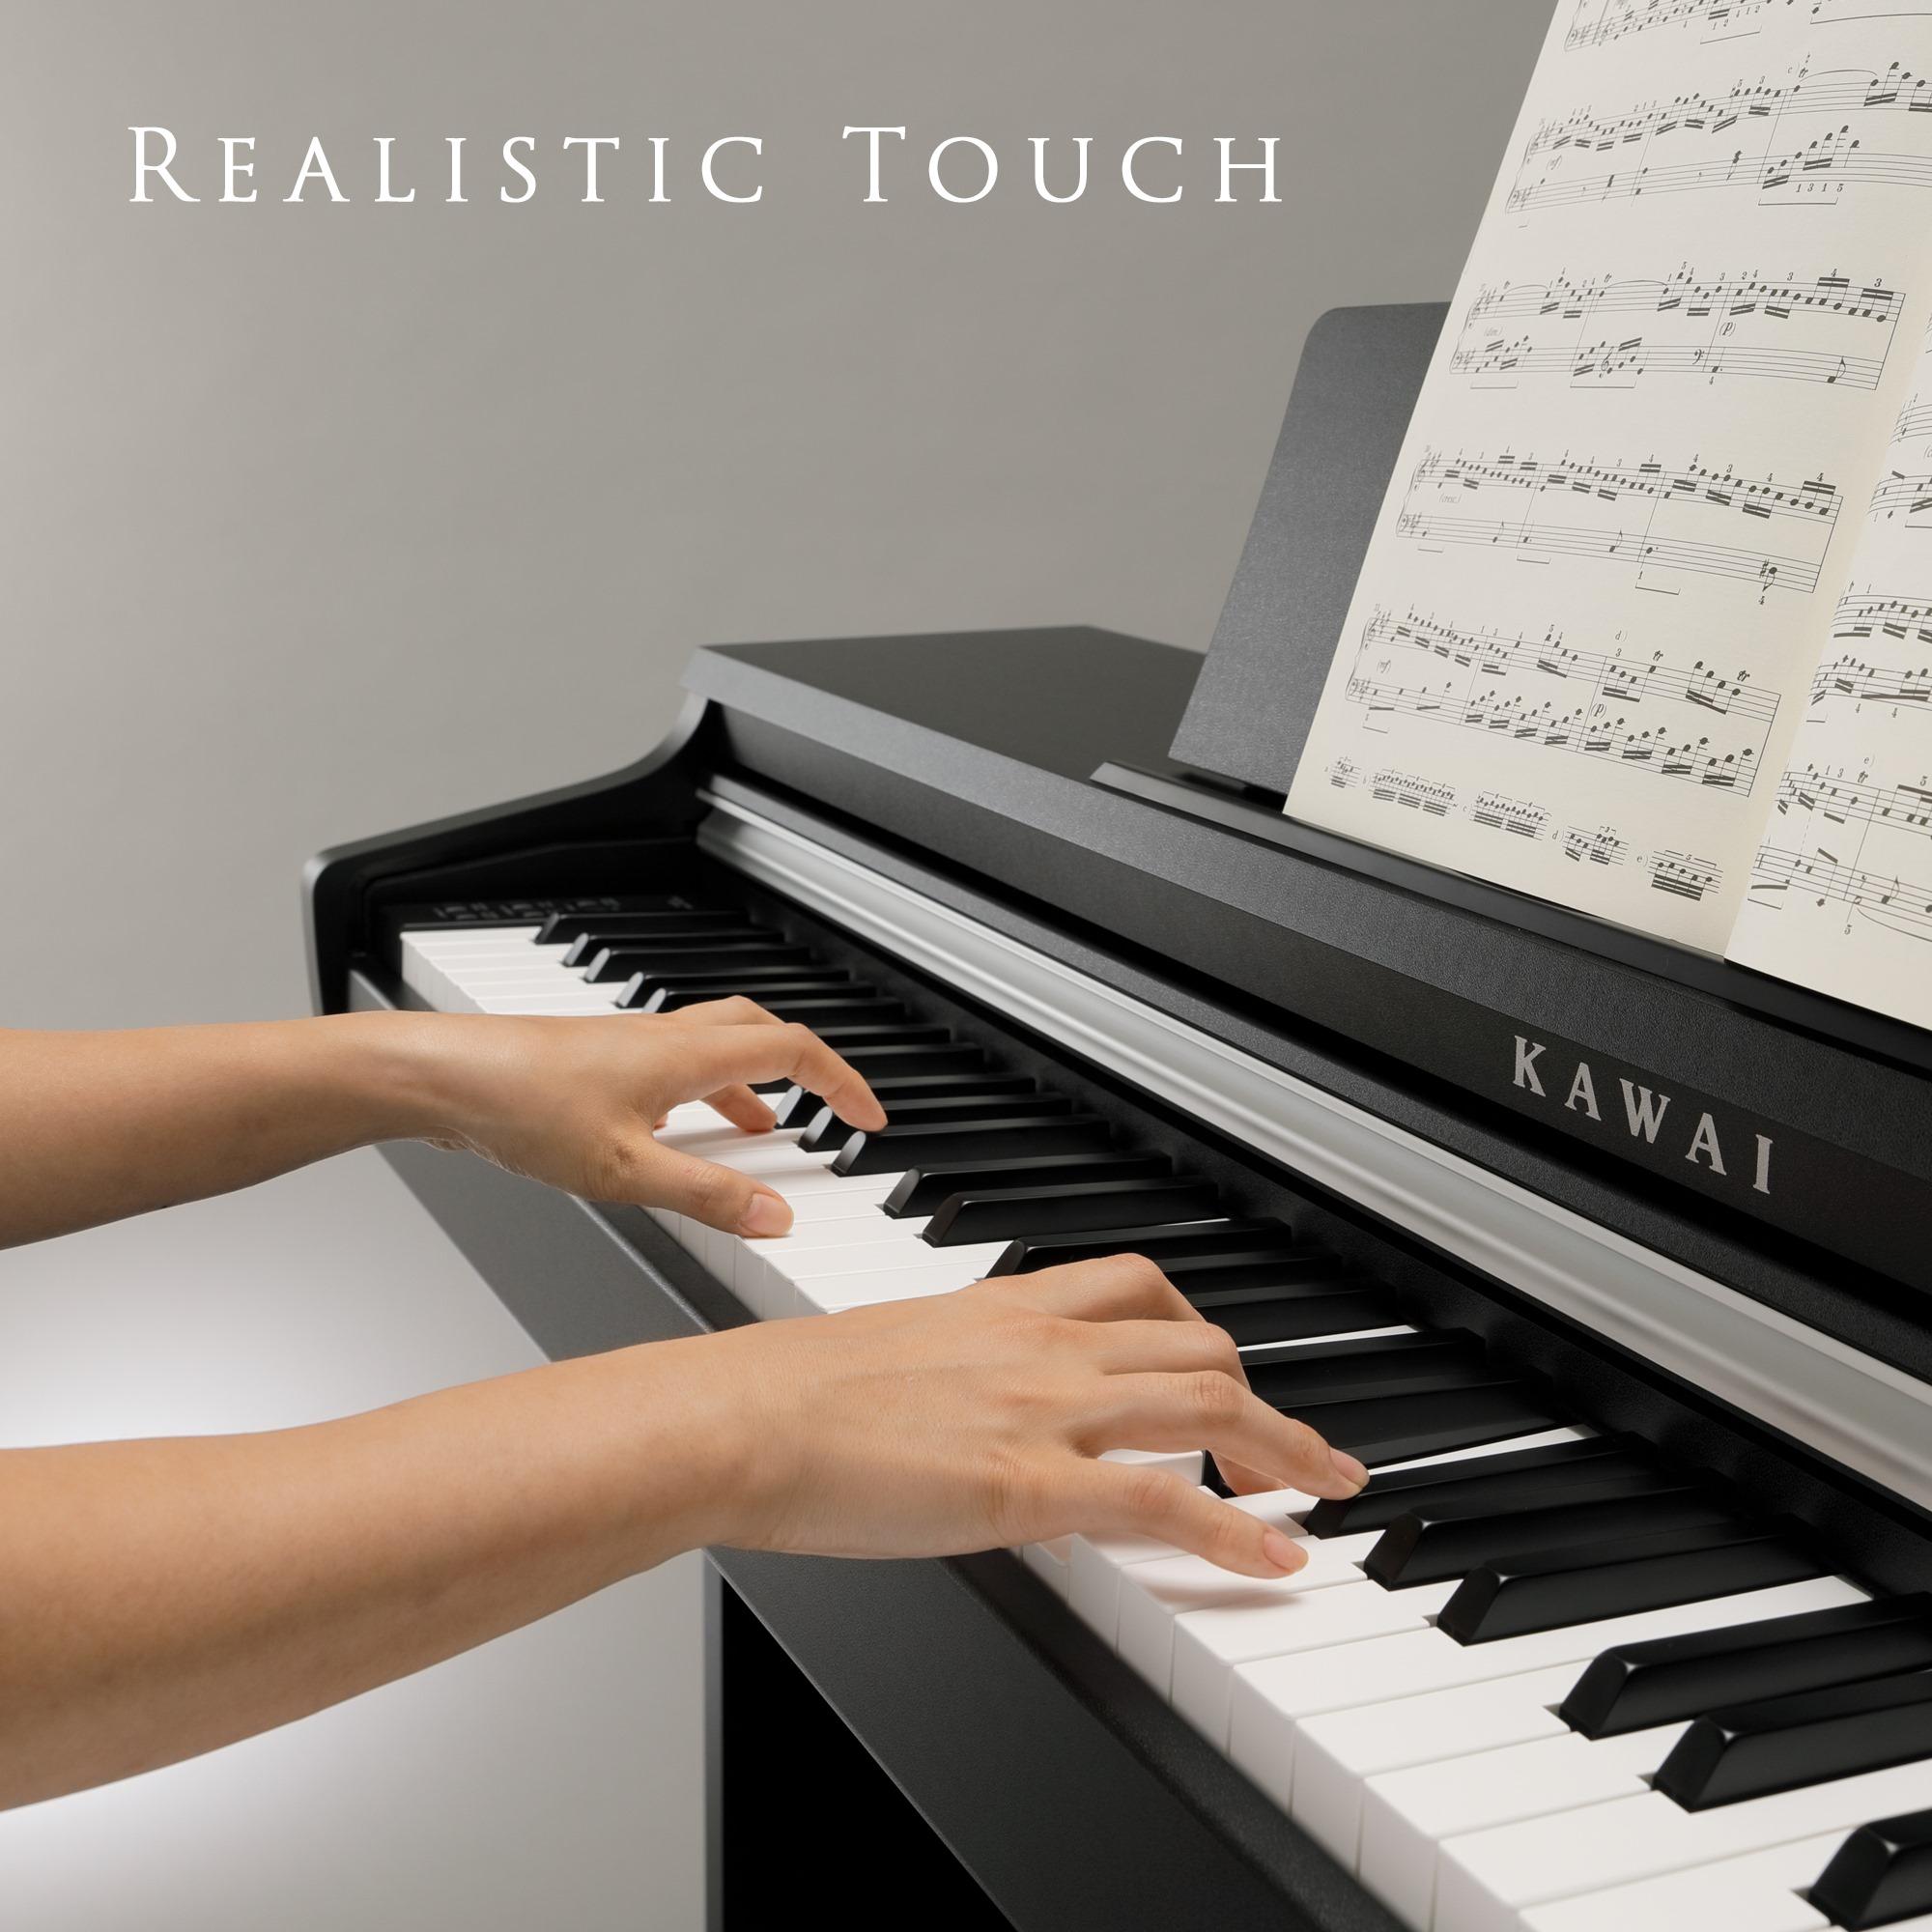 Piano Digital Kawai KDP-70 - Realidade